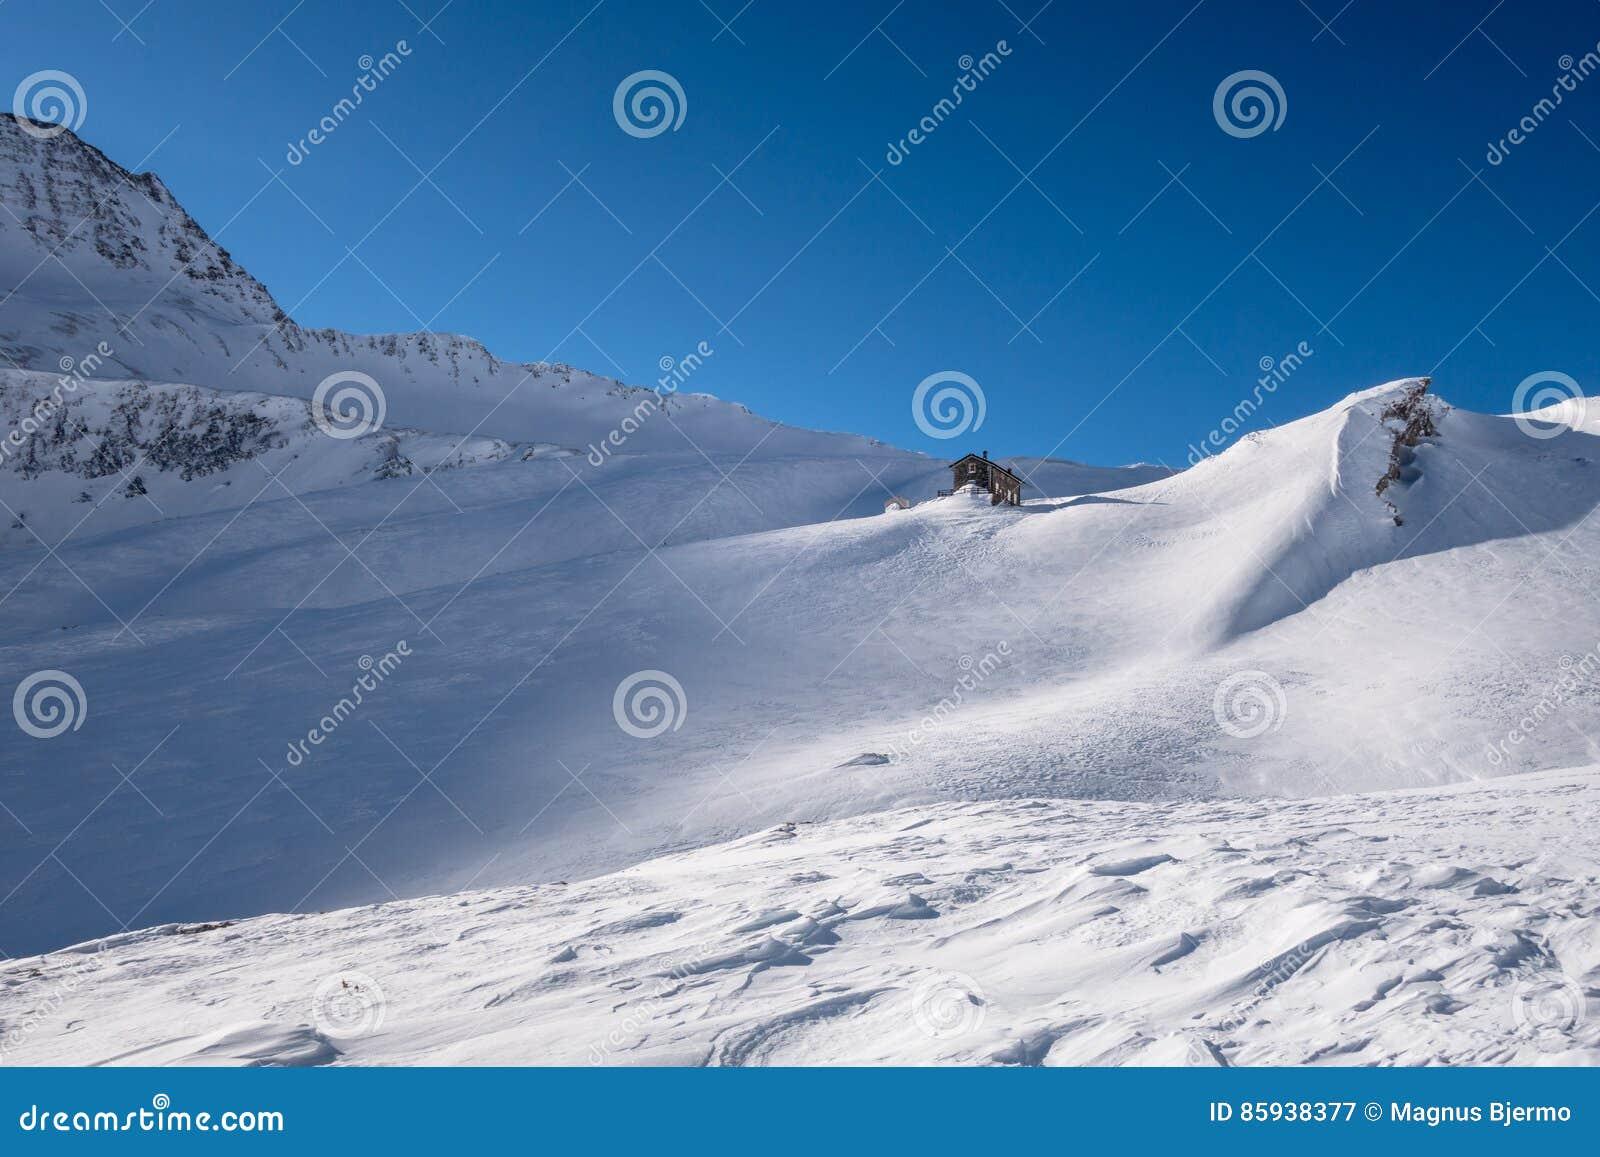 Alpiner Schutz unter Gebirgsrücken im Winter auf windswept Schnee